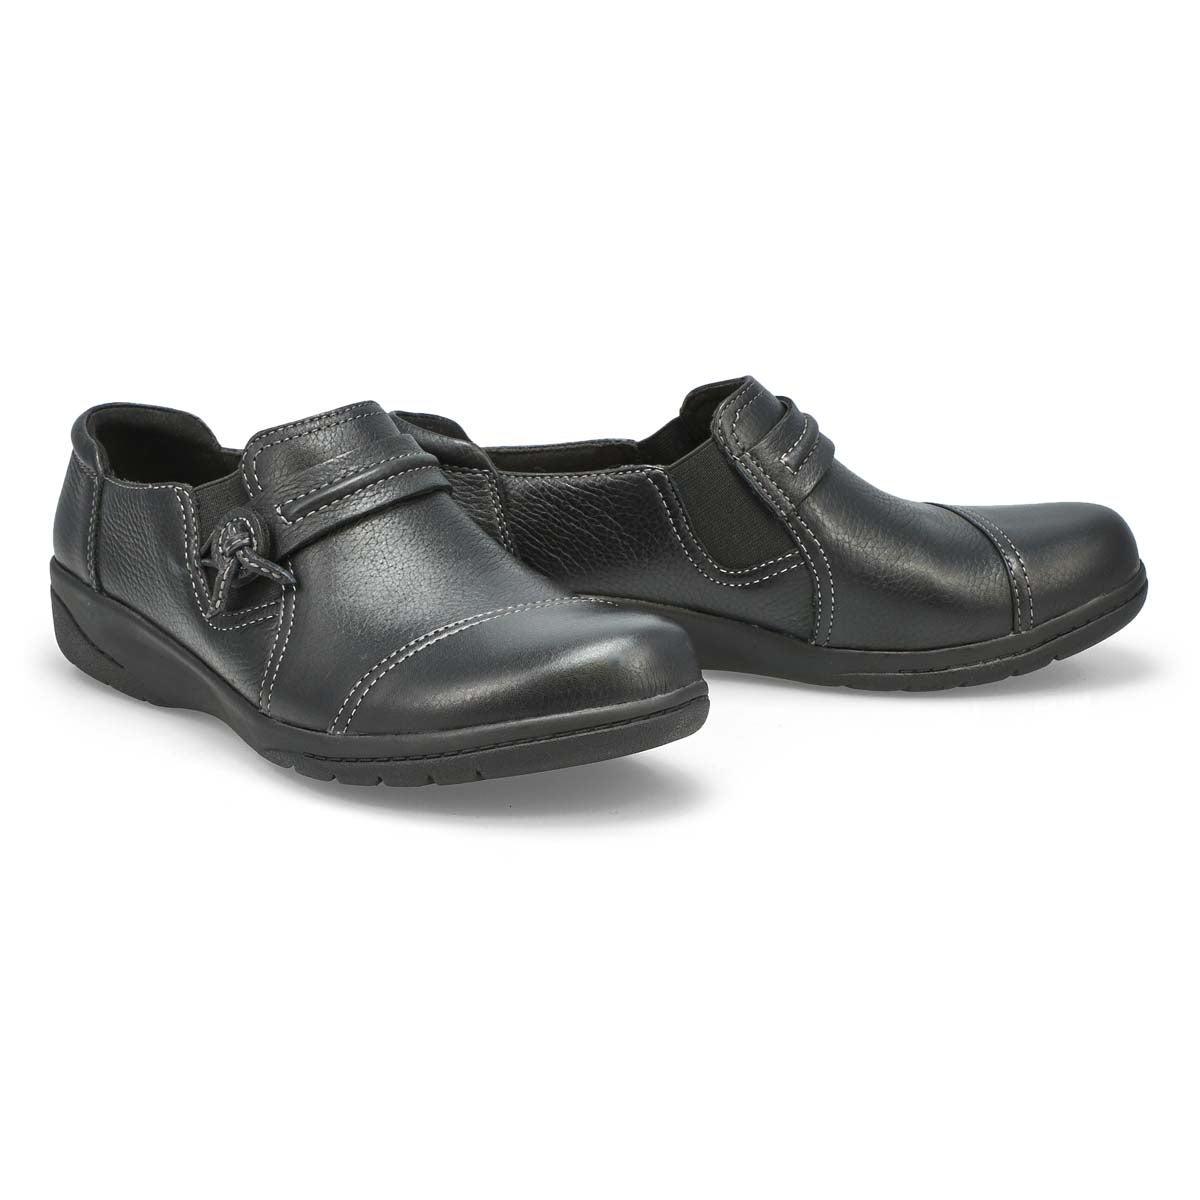 Chaussures à enfiler CHEYN MADI, noir, femmes